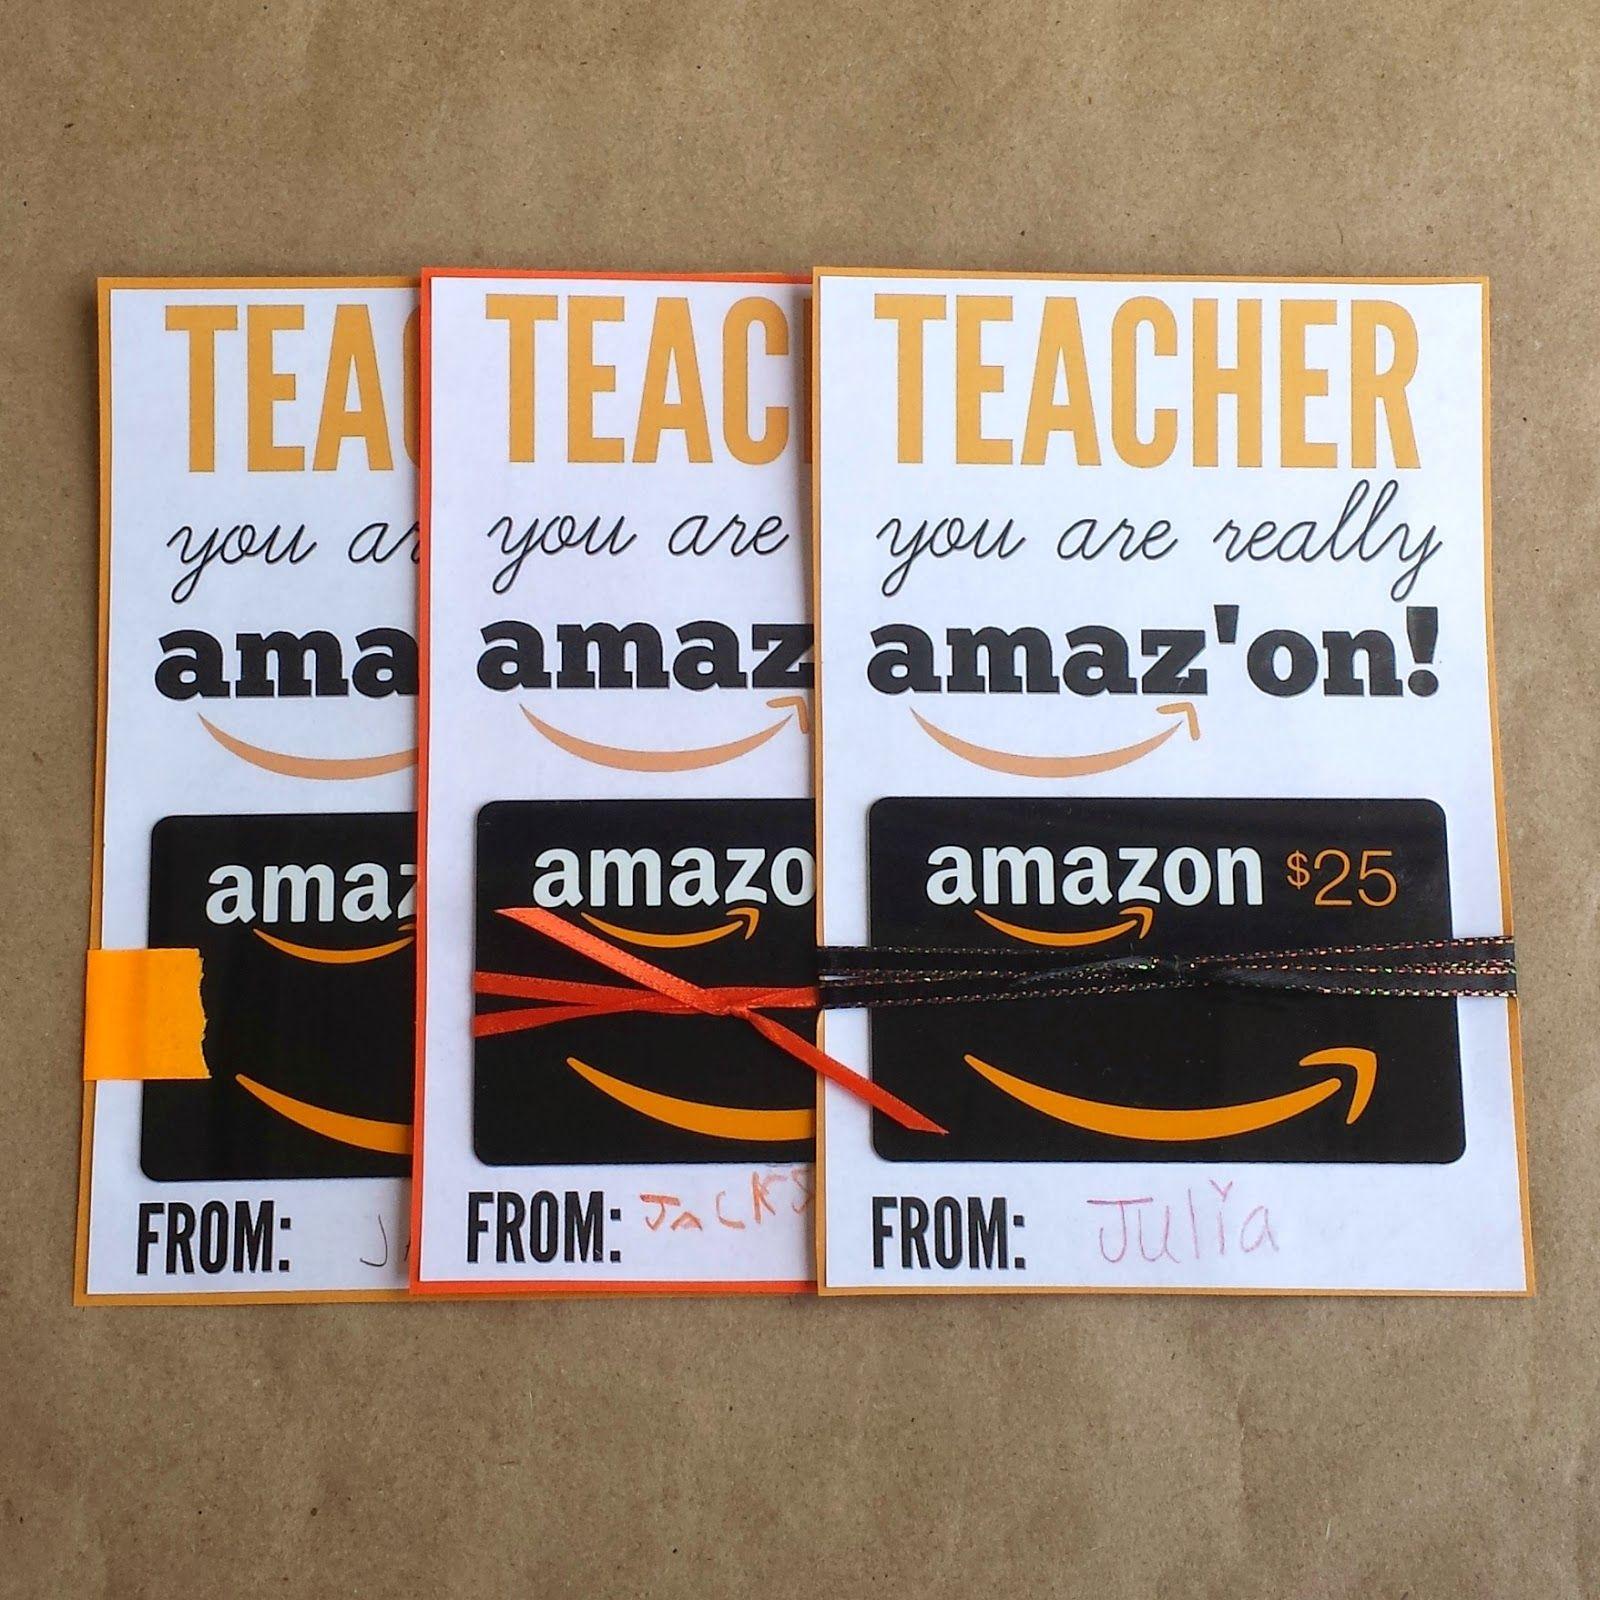 Haley S Daily Blog End Of The Year Teacher T Idea